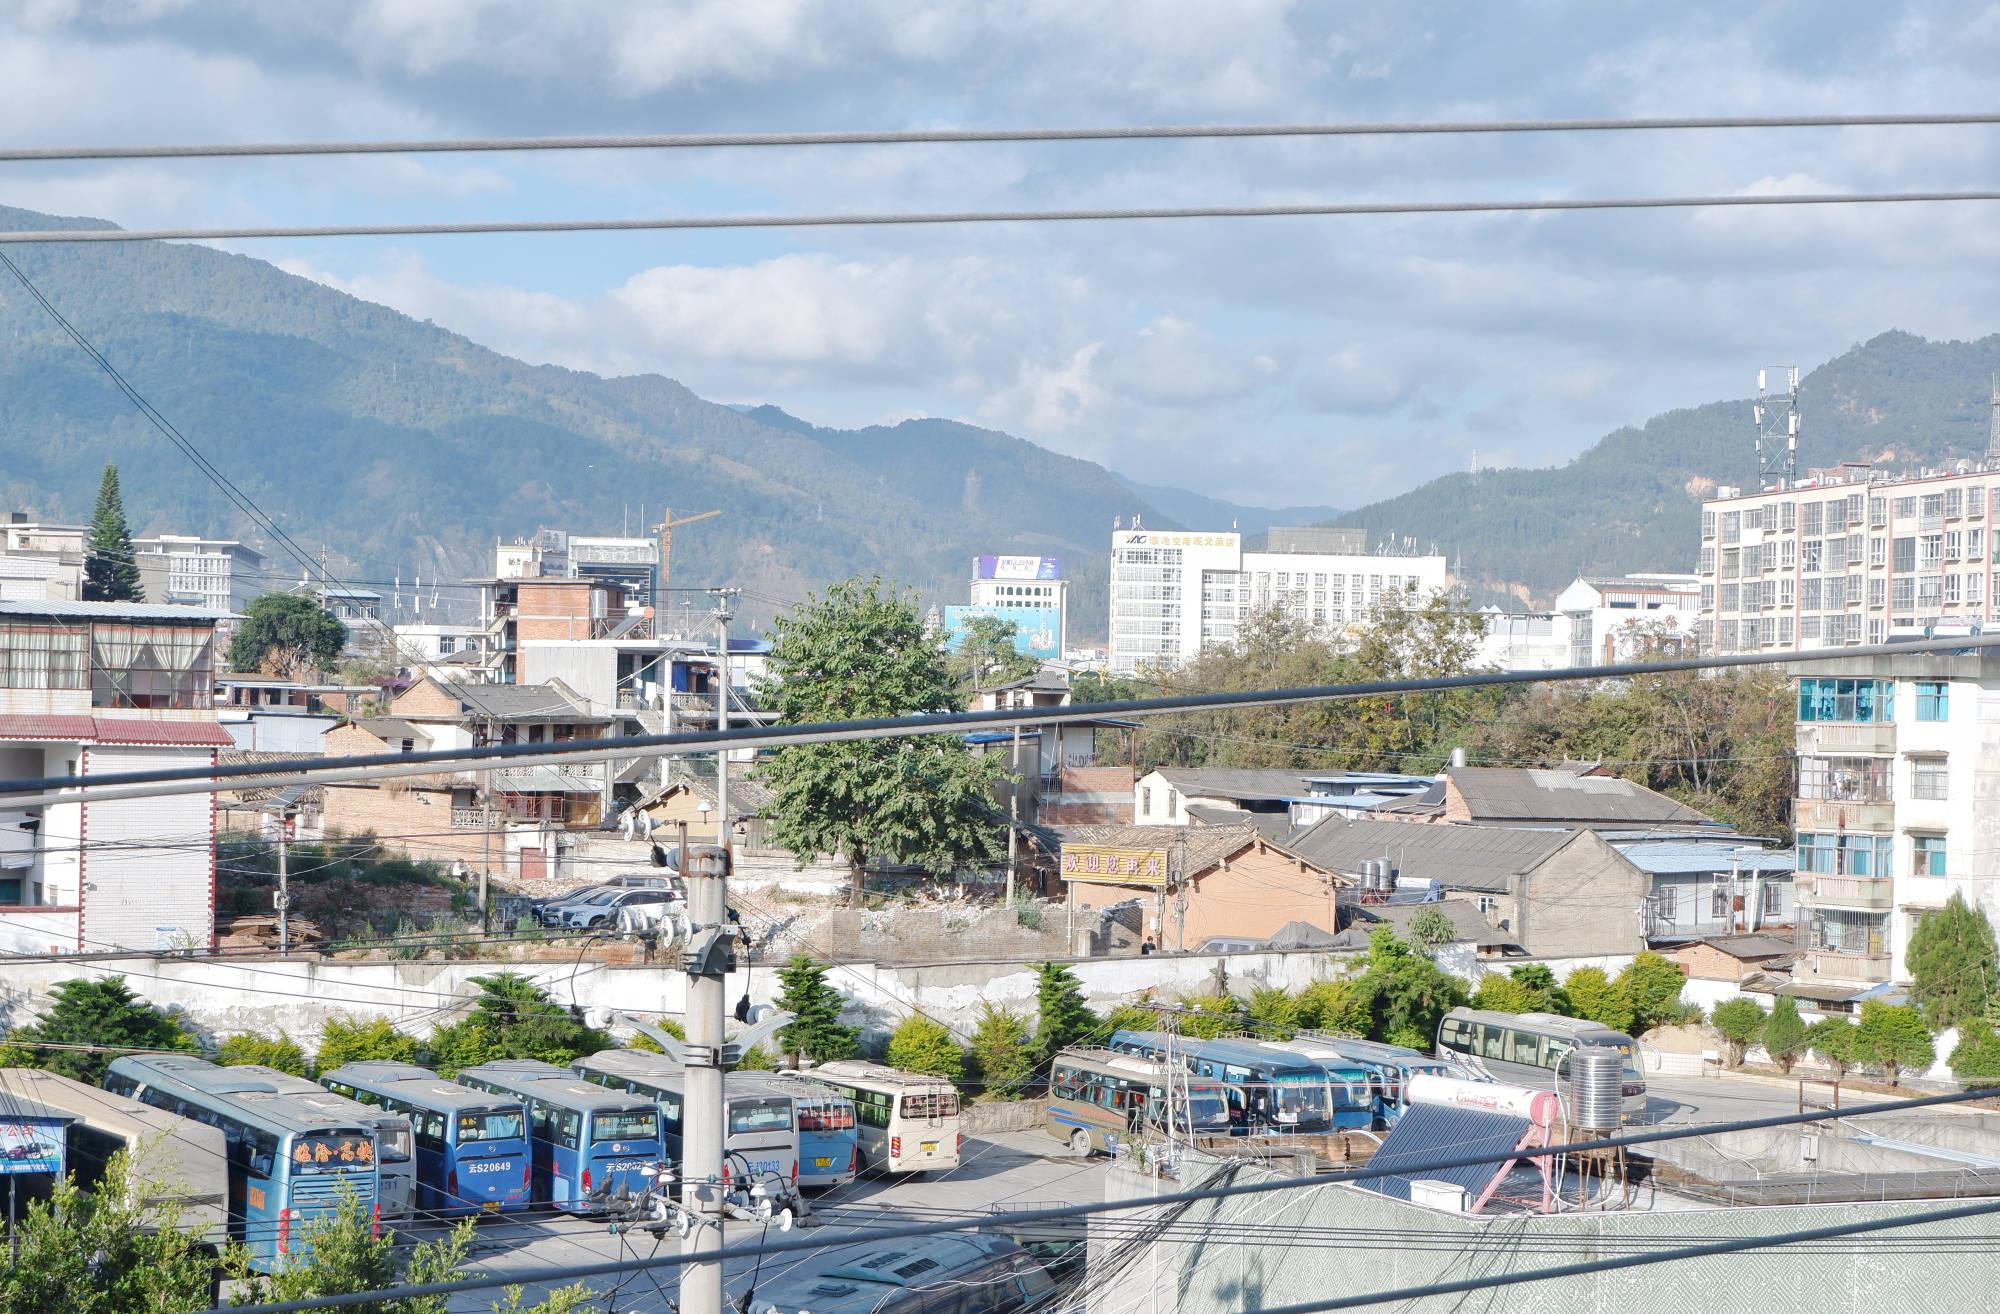 云南没有高速公路的城市,终于通了第一条高速,去昆明只需4小时